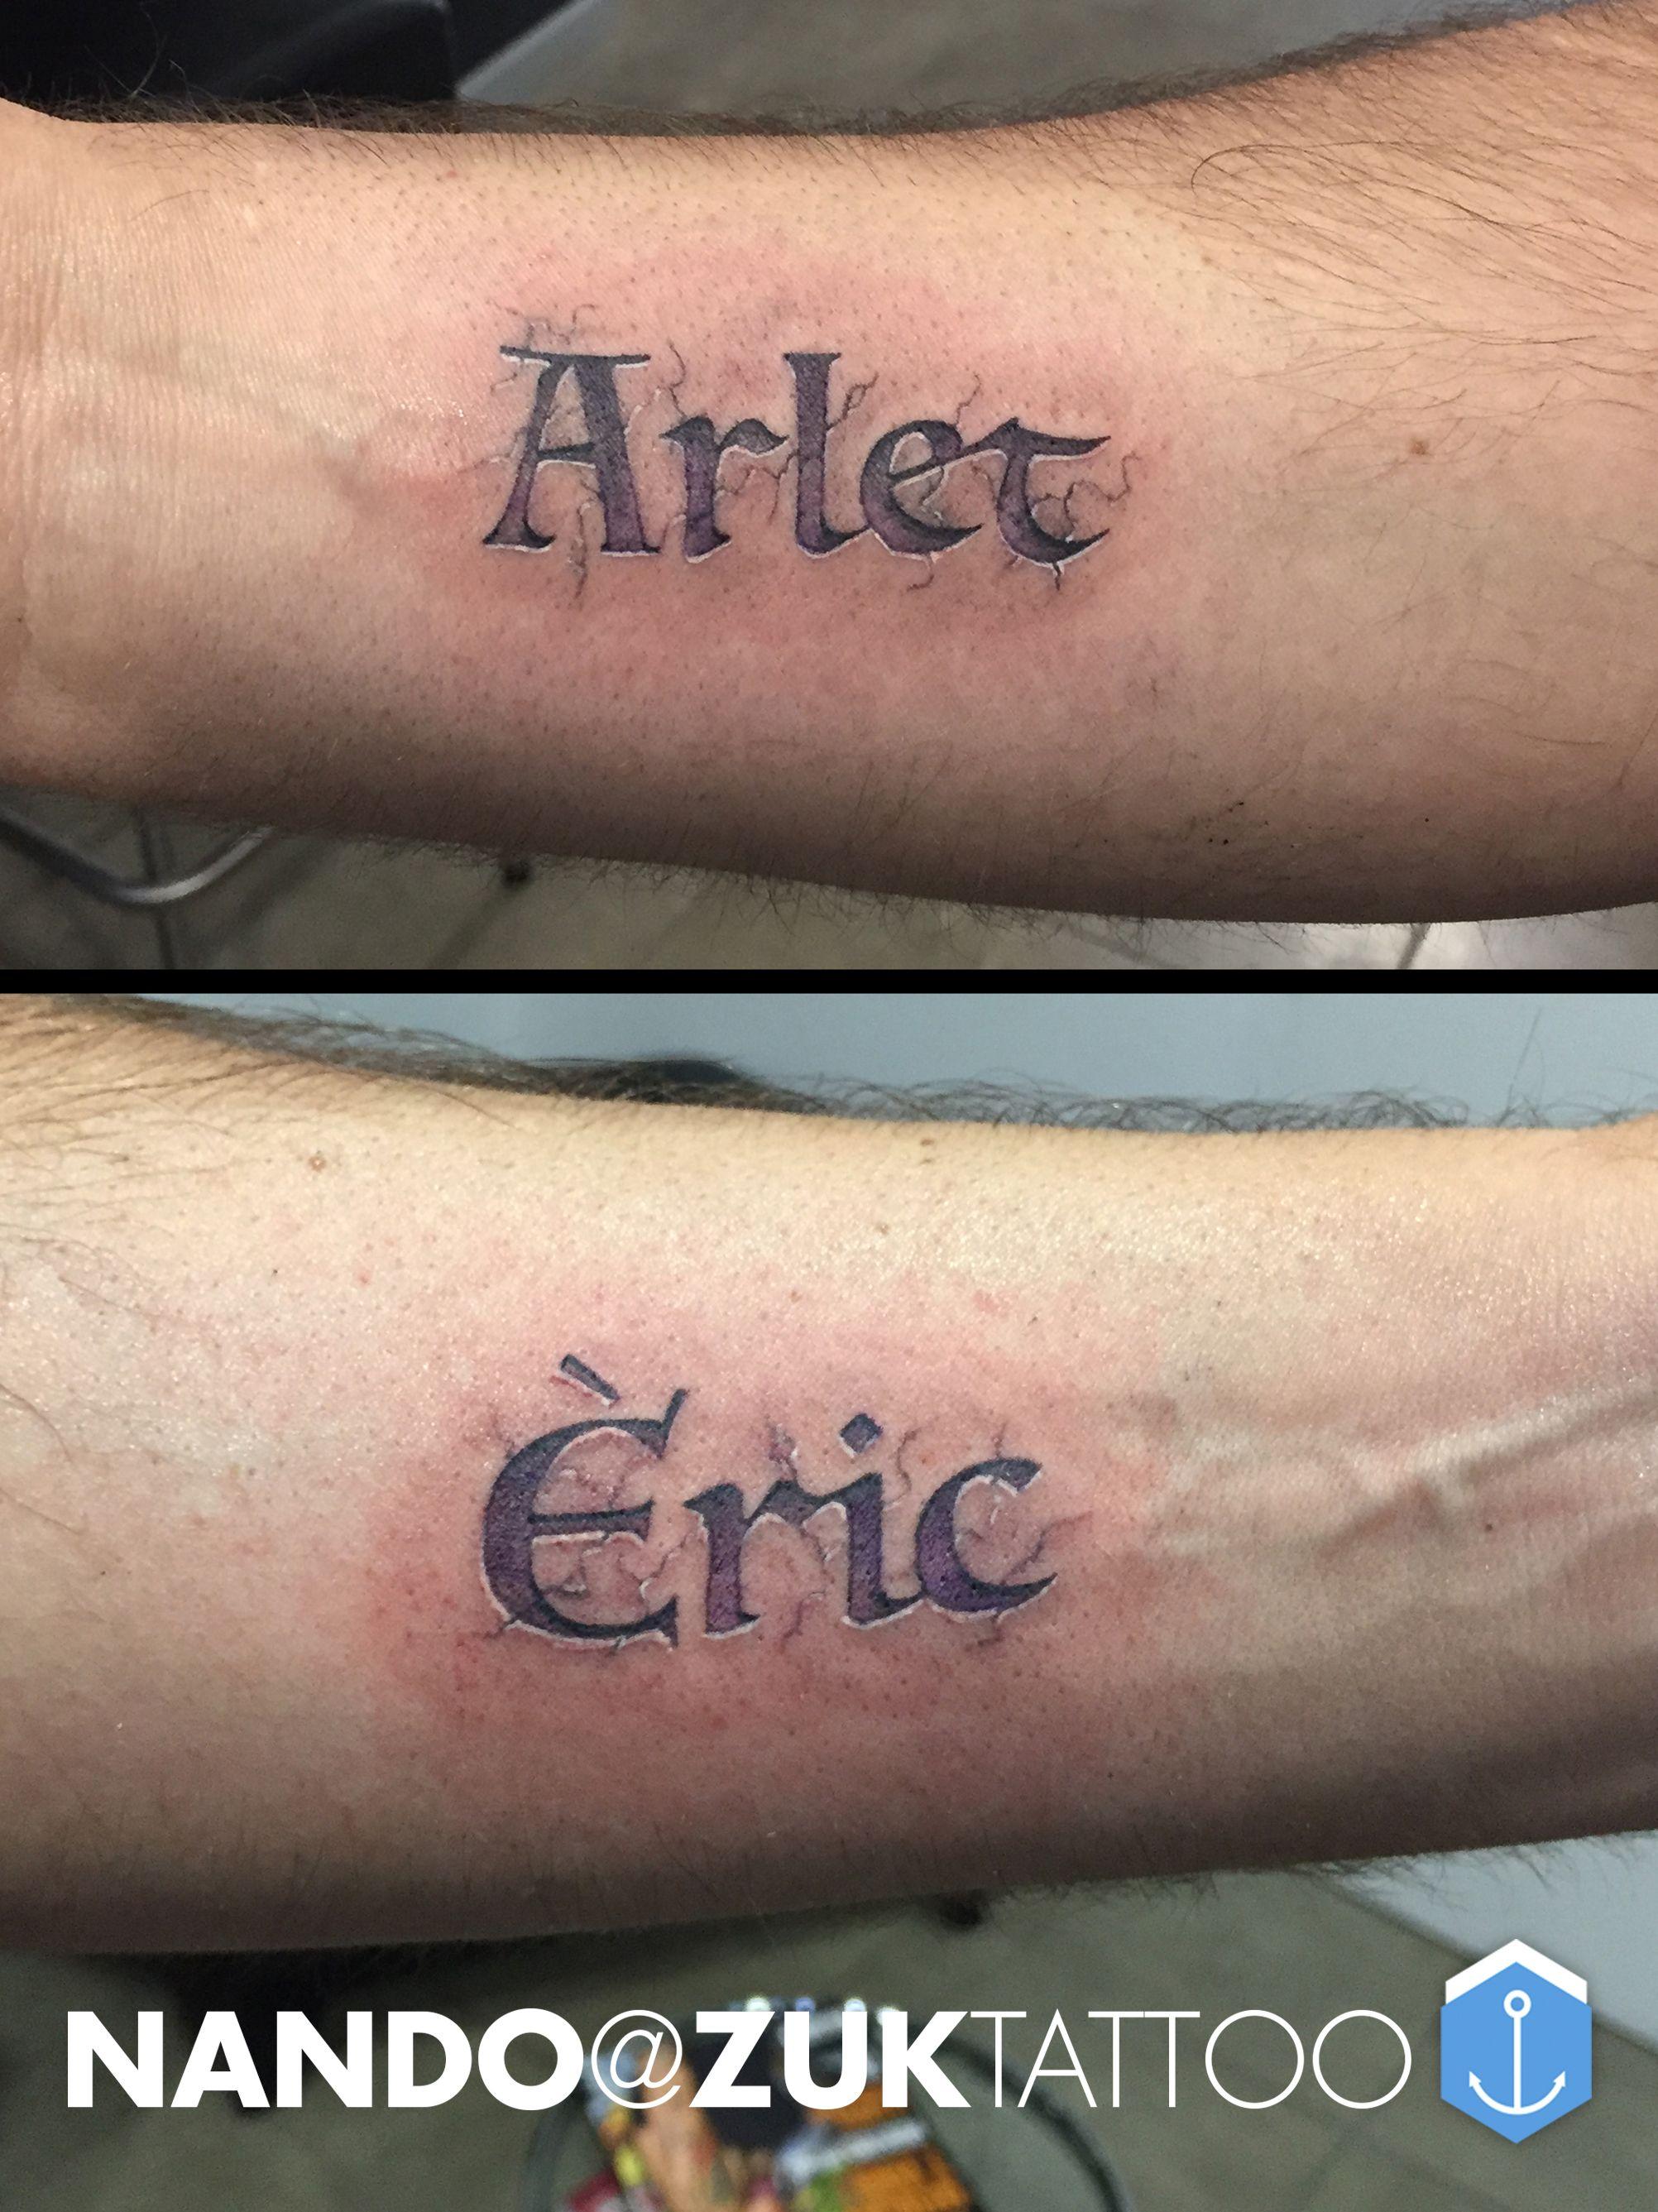 Tatuaje De Dos Nombres Con Efecto Grabado A Piedra Tatuajes De Nombres Tatuajes Unas Con Piedras